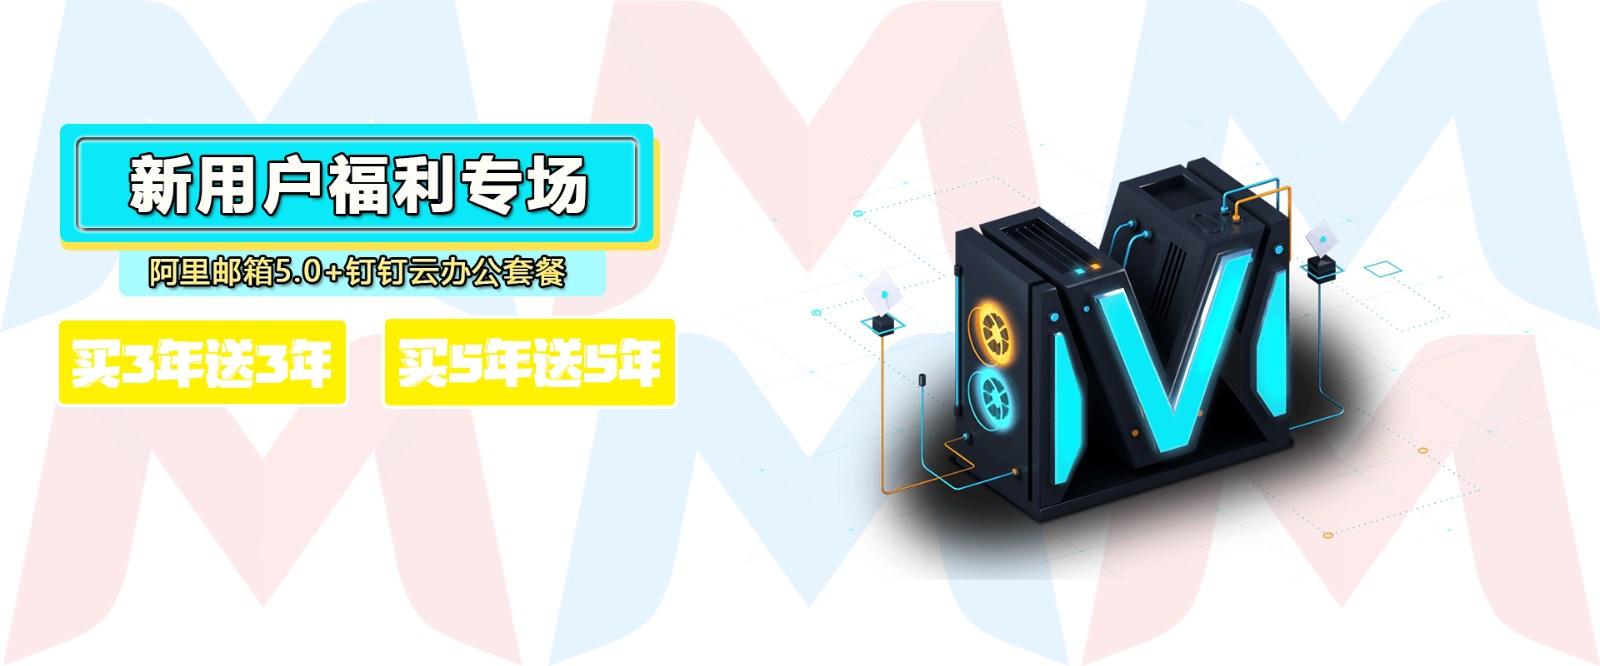 注册阿里企业邮产品_开通企业管理软件-深圳市小龙科技信息咨询有限公司